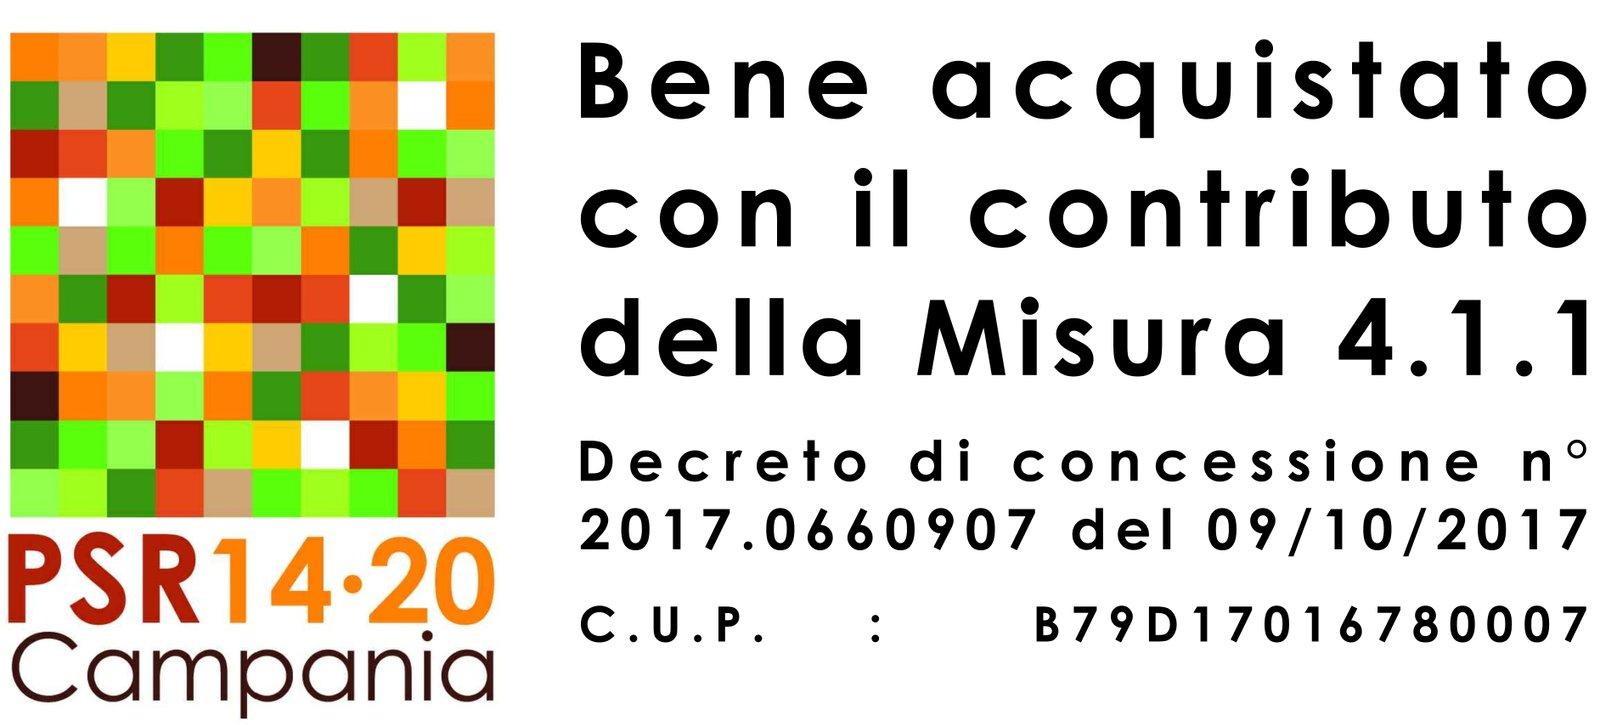 Bene acquistato con il contributo della misura 4.1.1 PSR 14/20 Campania